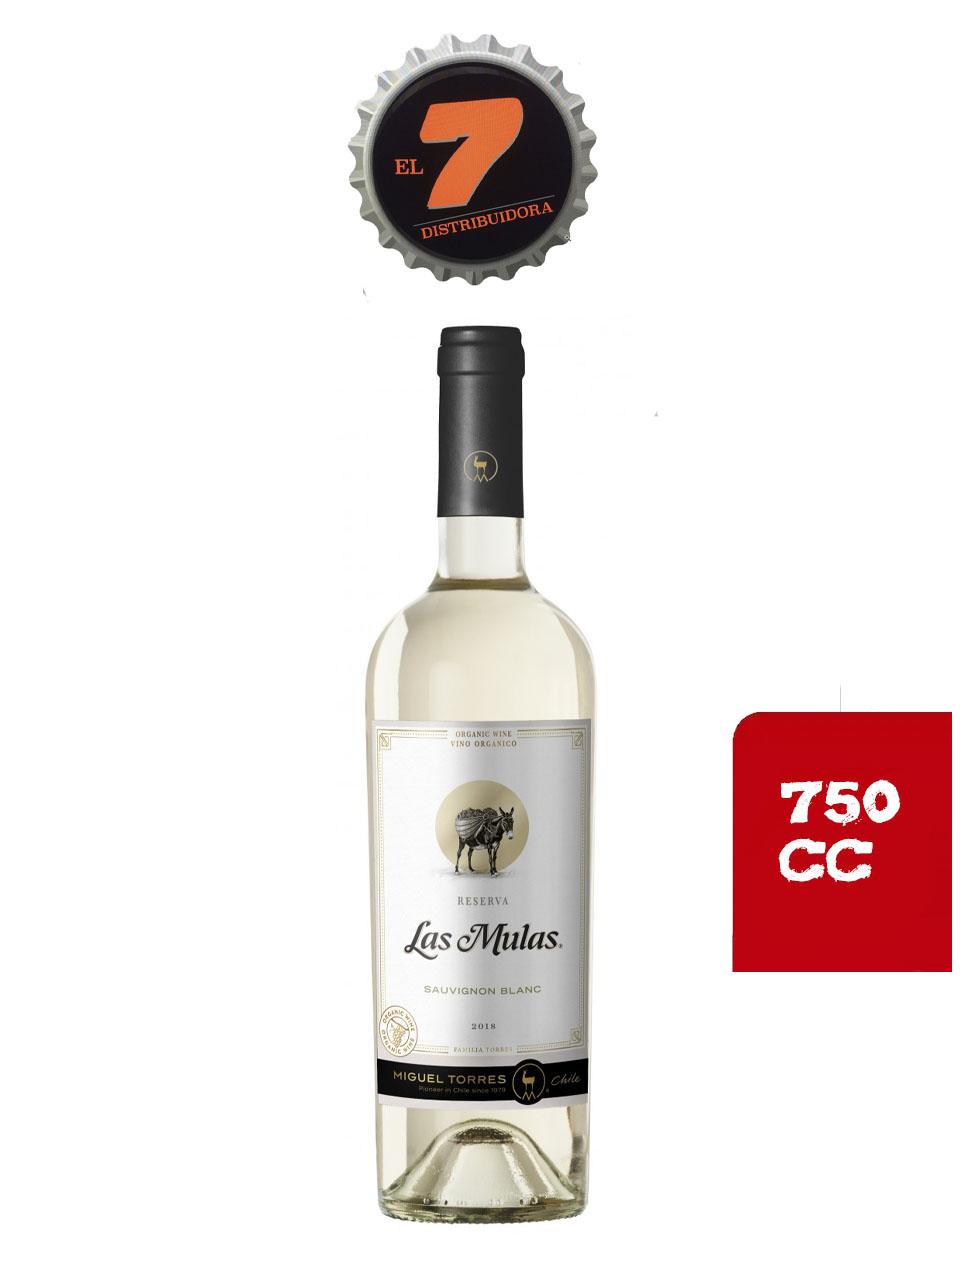 Vino Las Mulas Sauvignon Blanc 750 CC